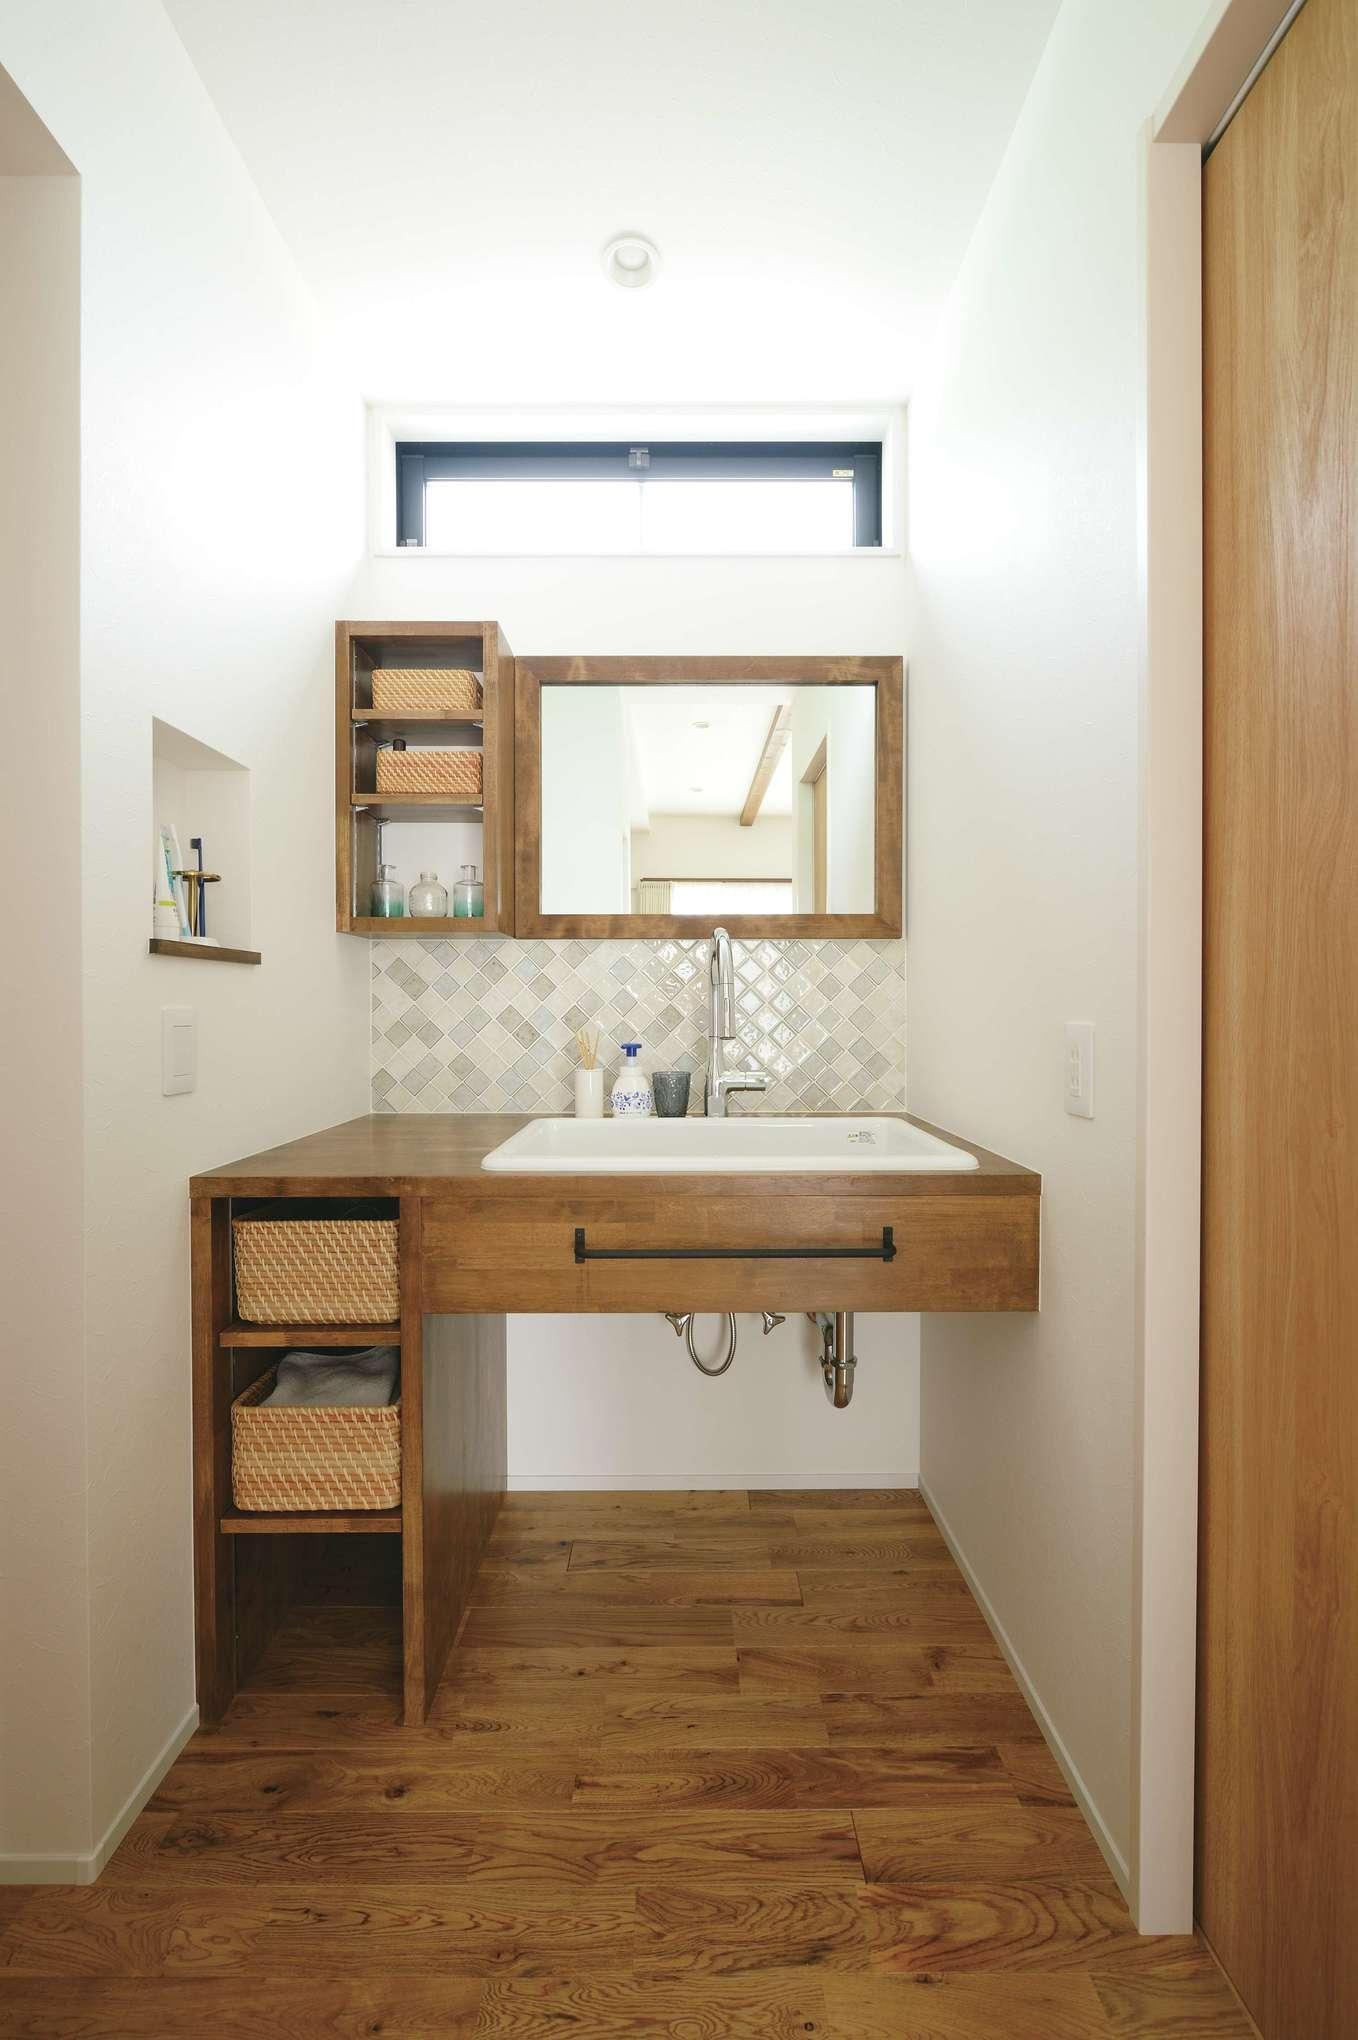 小玉建設【デザイン住宅、自然素材、間取り】ダークな木材とタイル使いで、シンプルな空間に仕上げた造作洗面台。棚とニッチが使いやすい